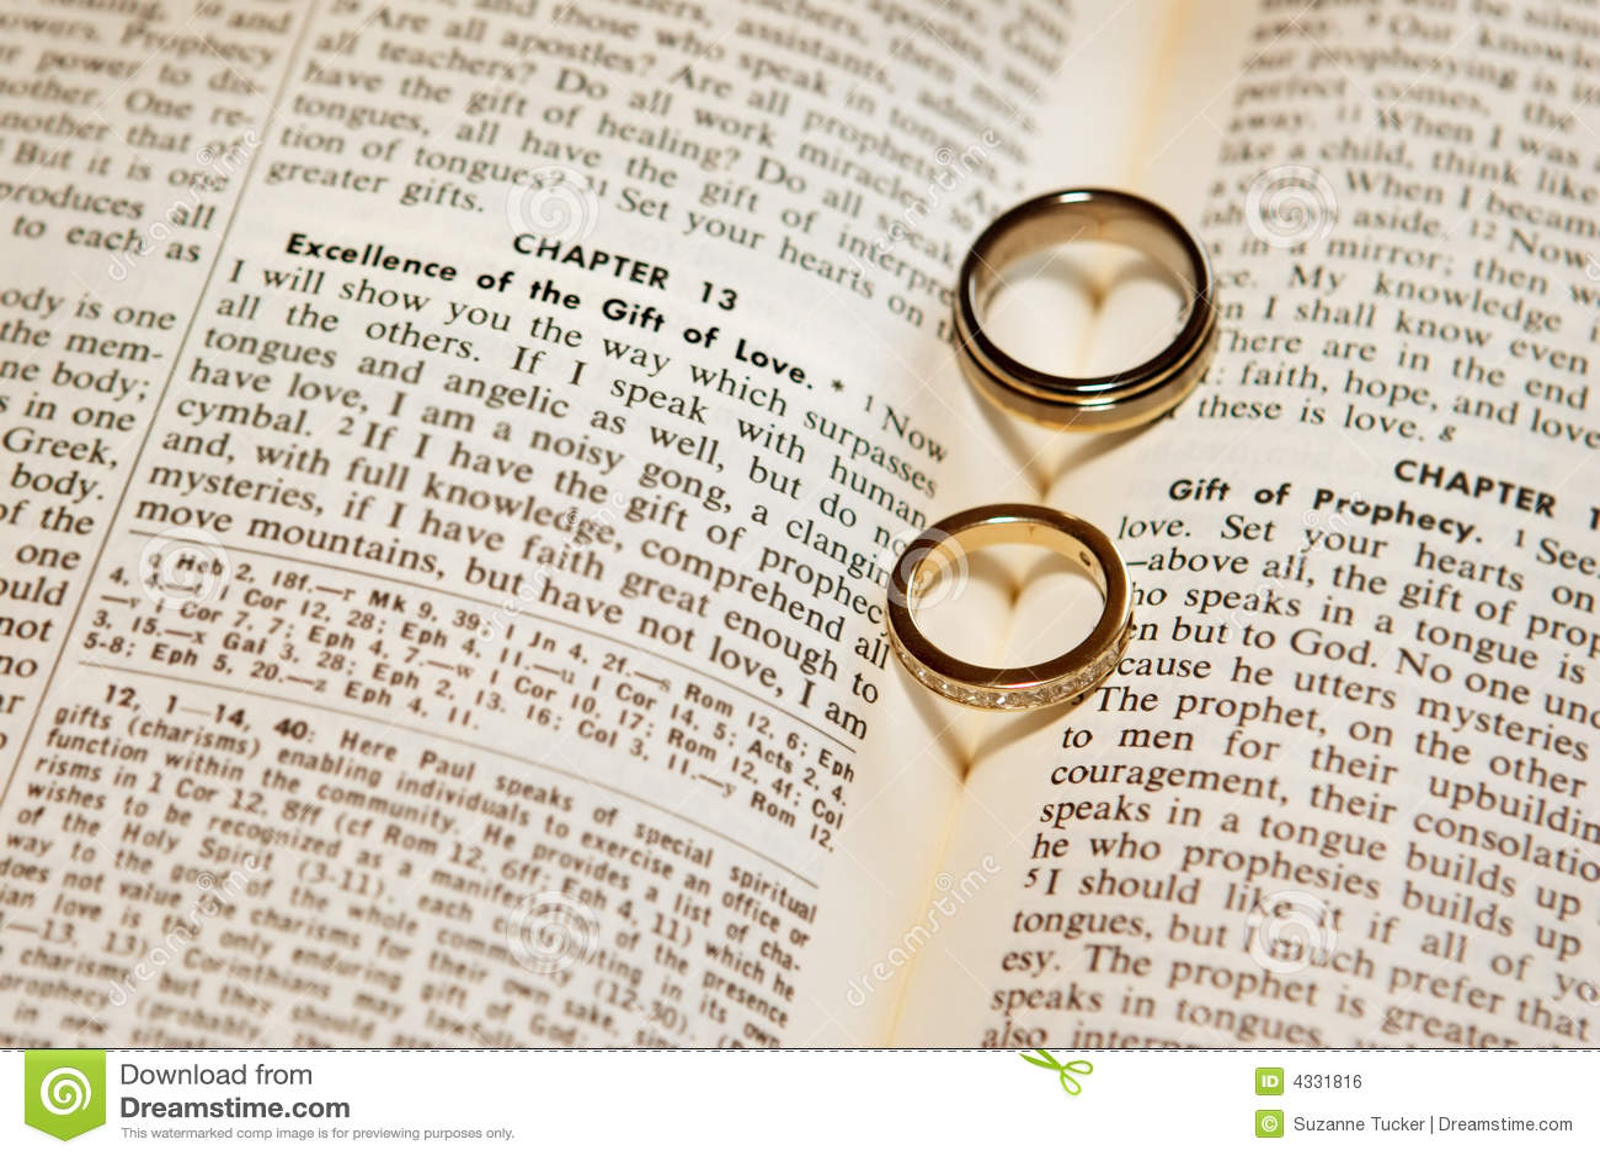 Matrimonio Y Biblia : Anillos de bodas en una biblia foto archivo imagen